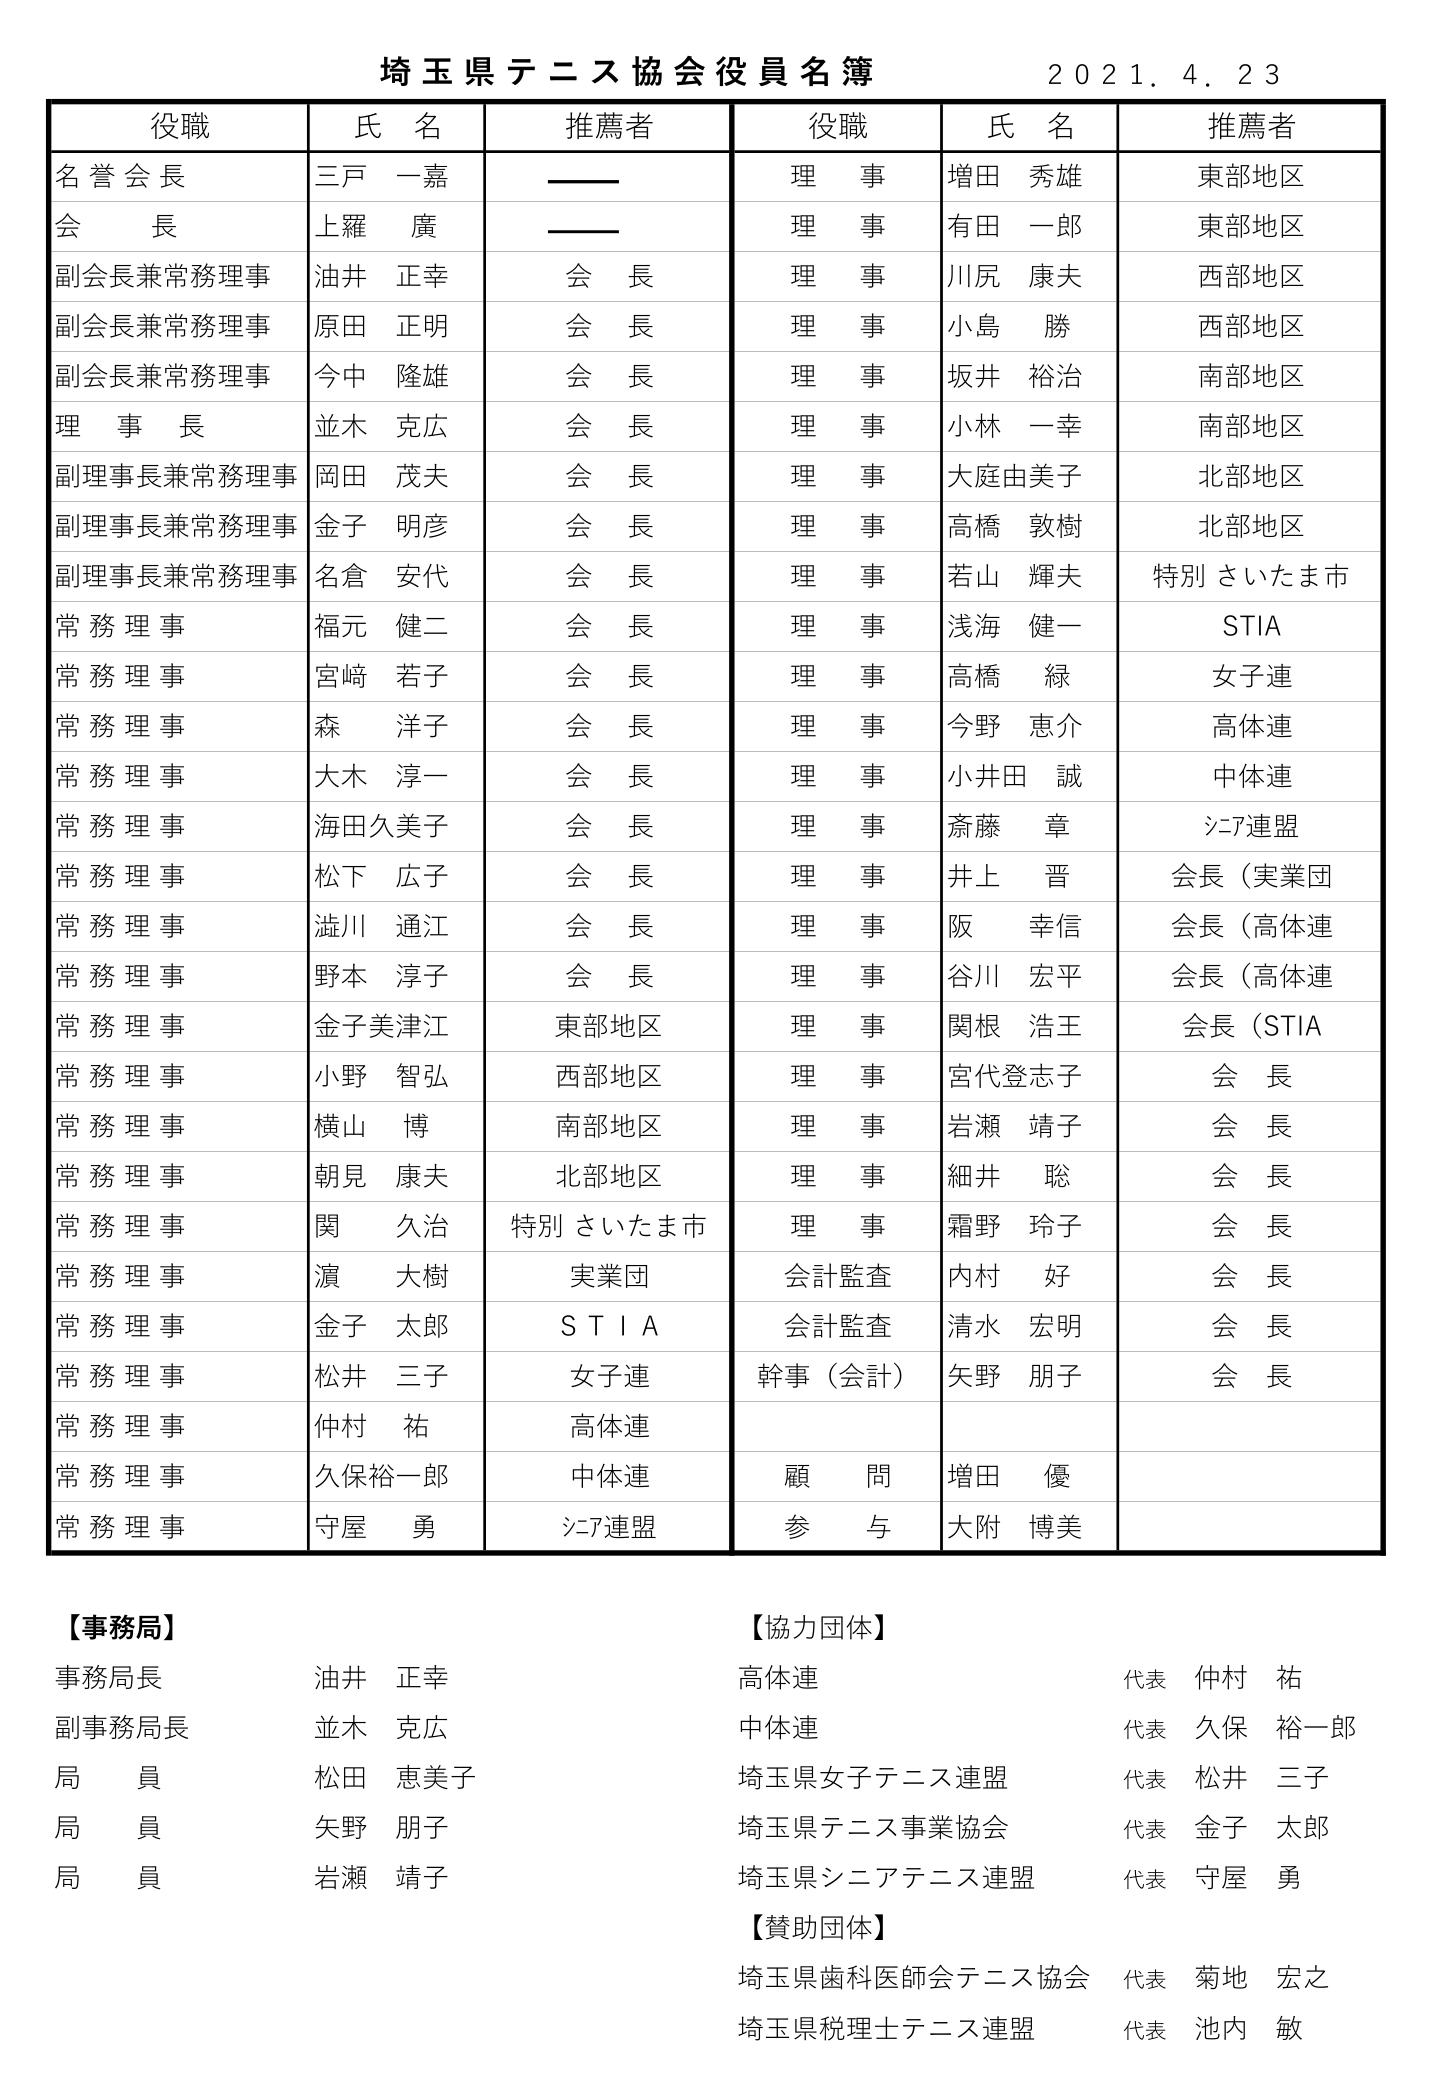 協会役員名簿